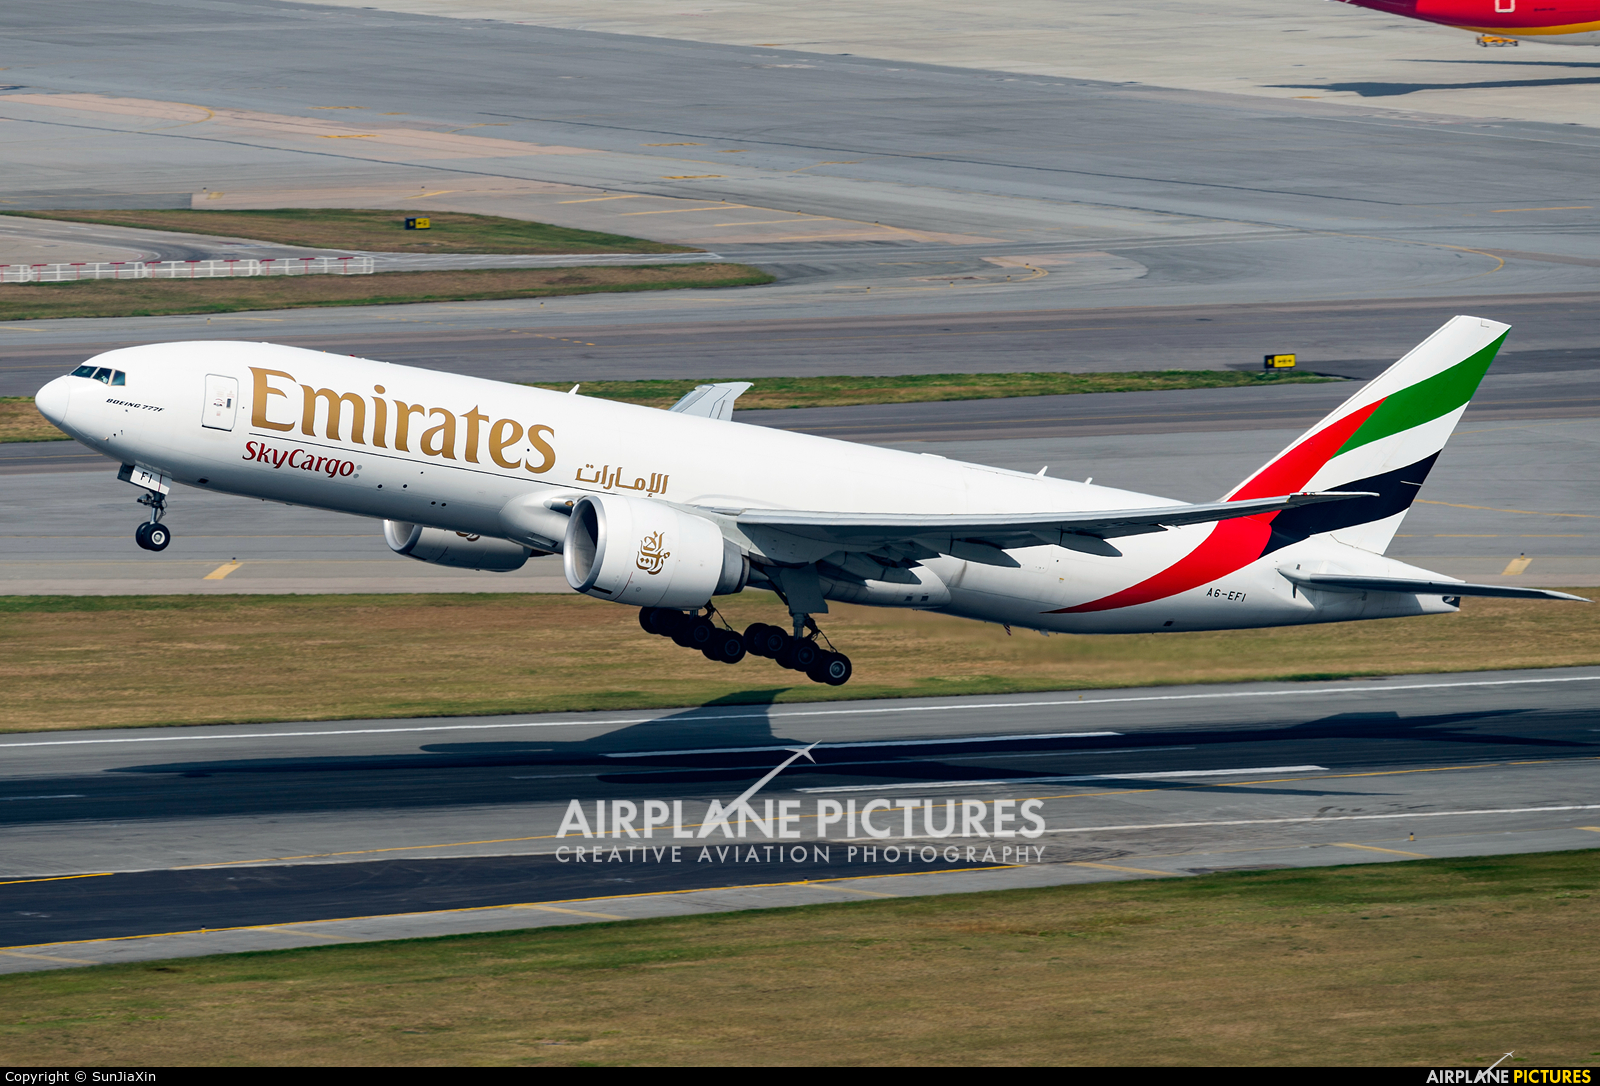 Emirates Sky Cargo A6-EFI aircraft at HKG - Chek Lap Kok Intl